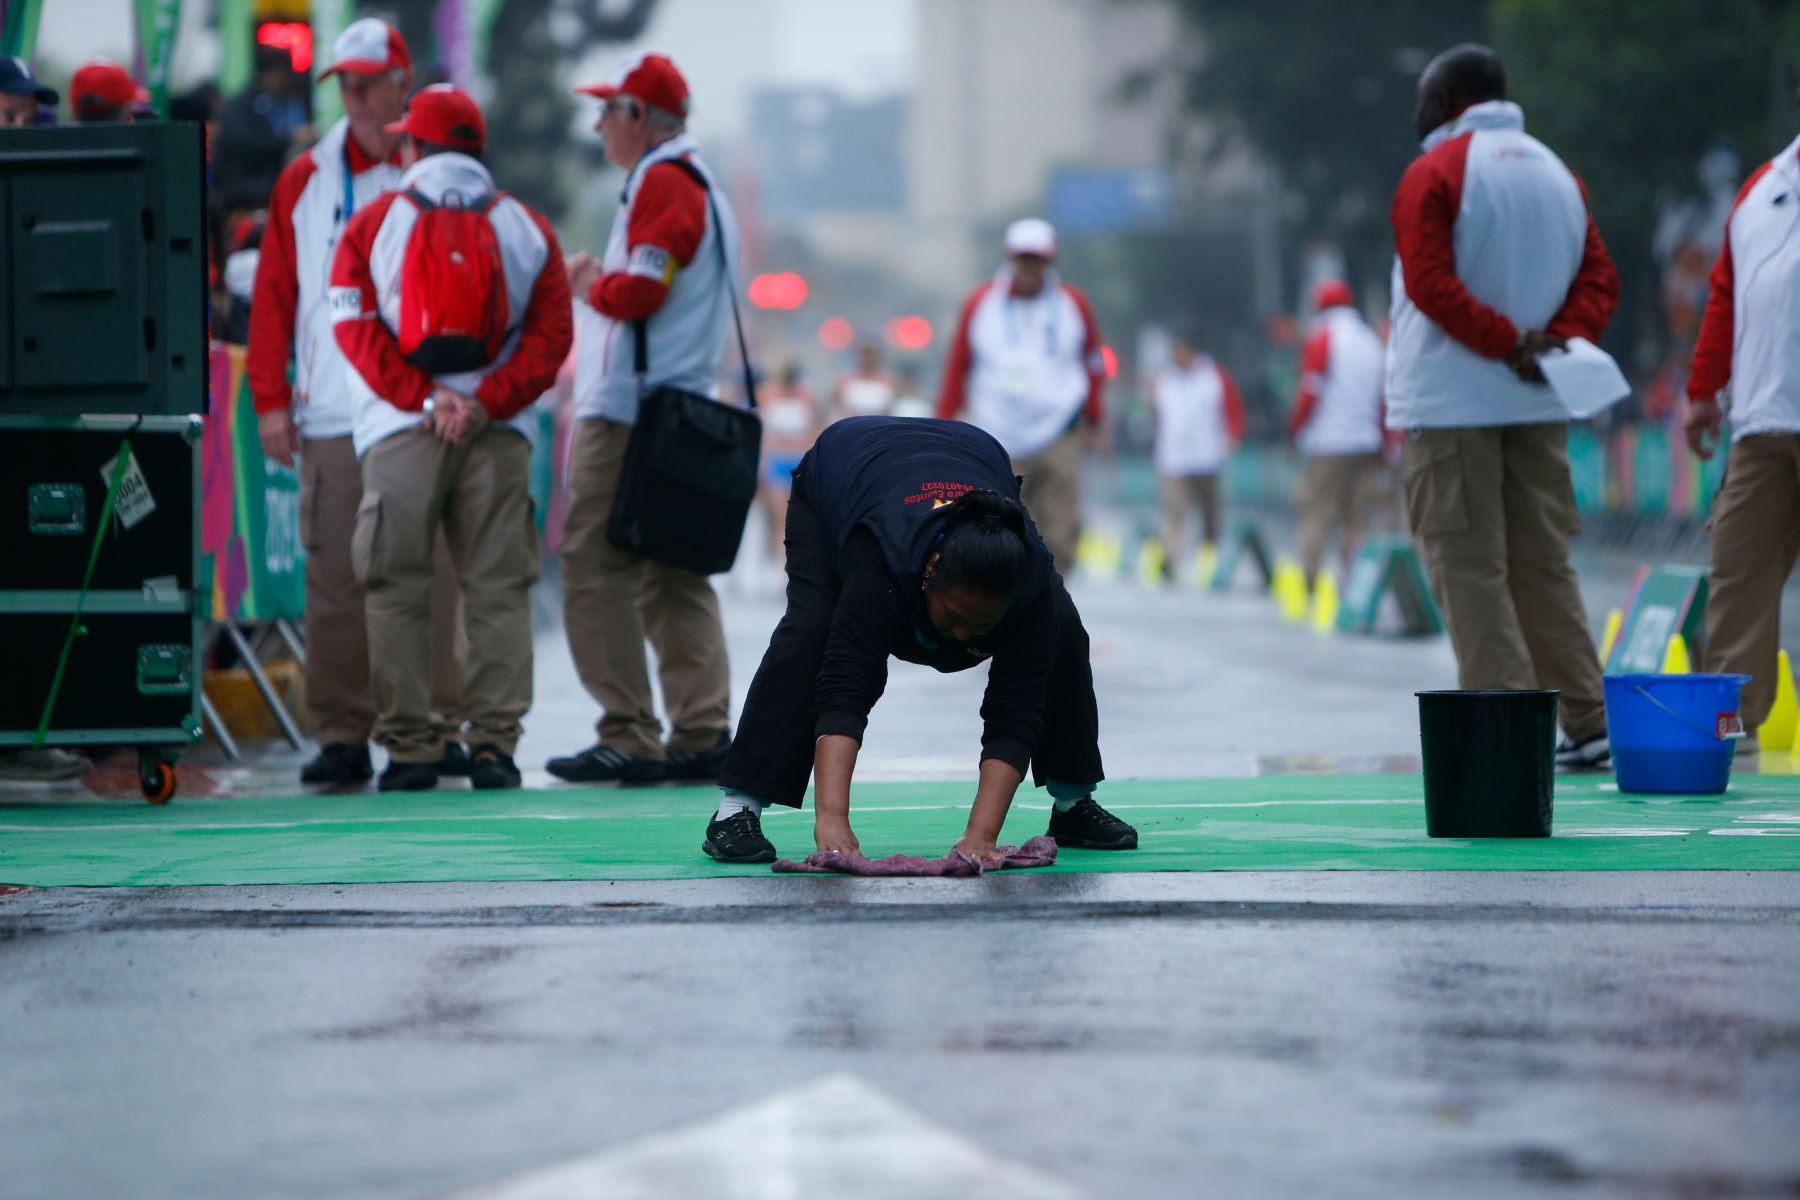 Trabajadora limpiando la pista de partida de la competencia de atletismo de marcha 20 km mujeres. Lugar: Parque Kennedy Miraflores. Foto: ANDINA/ Lima 2019